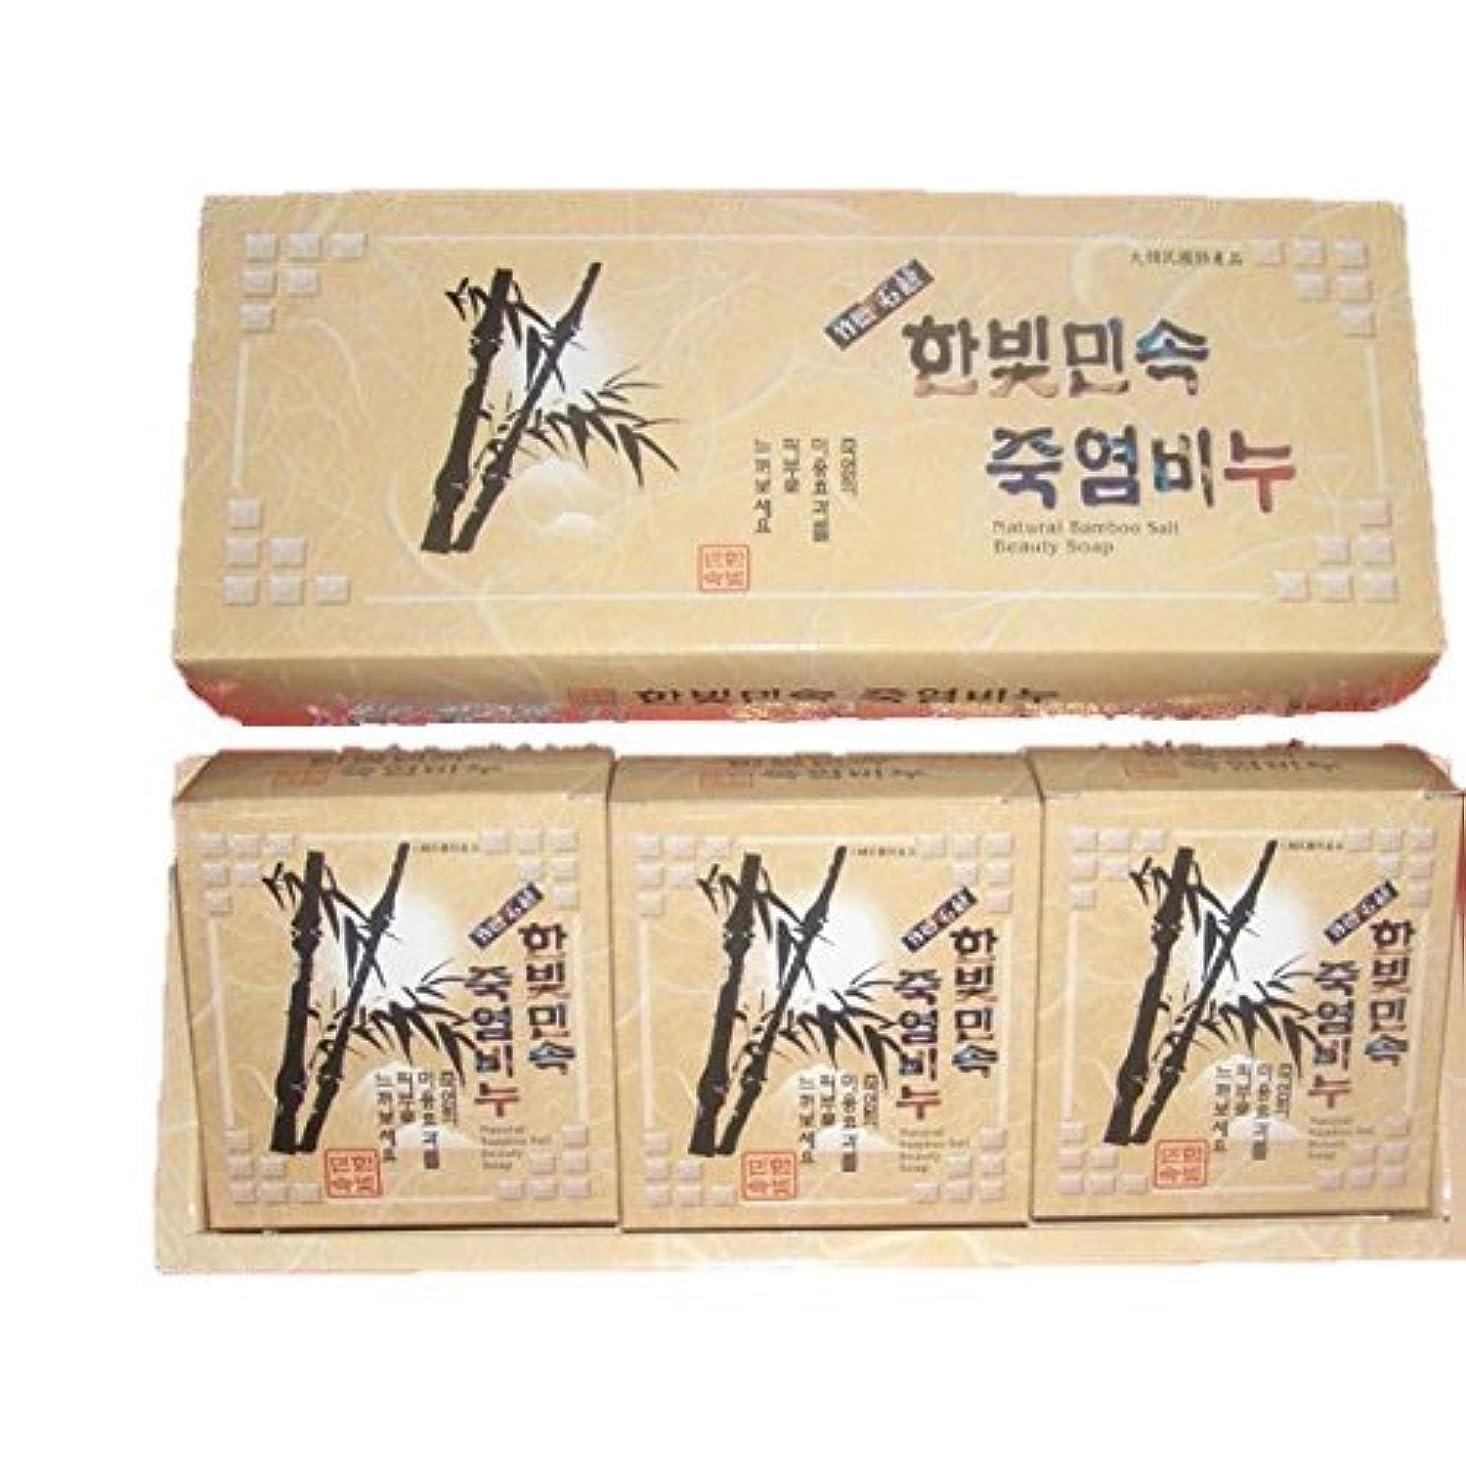 を通して許容義務づける(韓国ブランド) 竹塩石鹸 (3個×3セット)